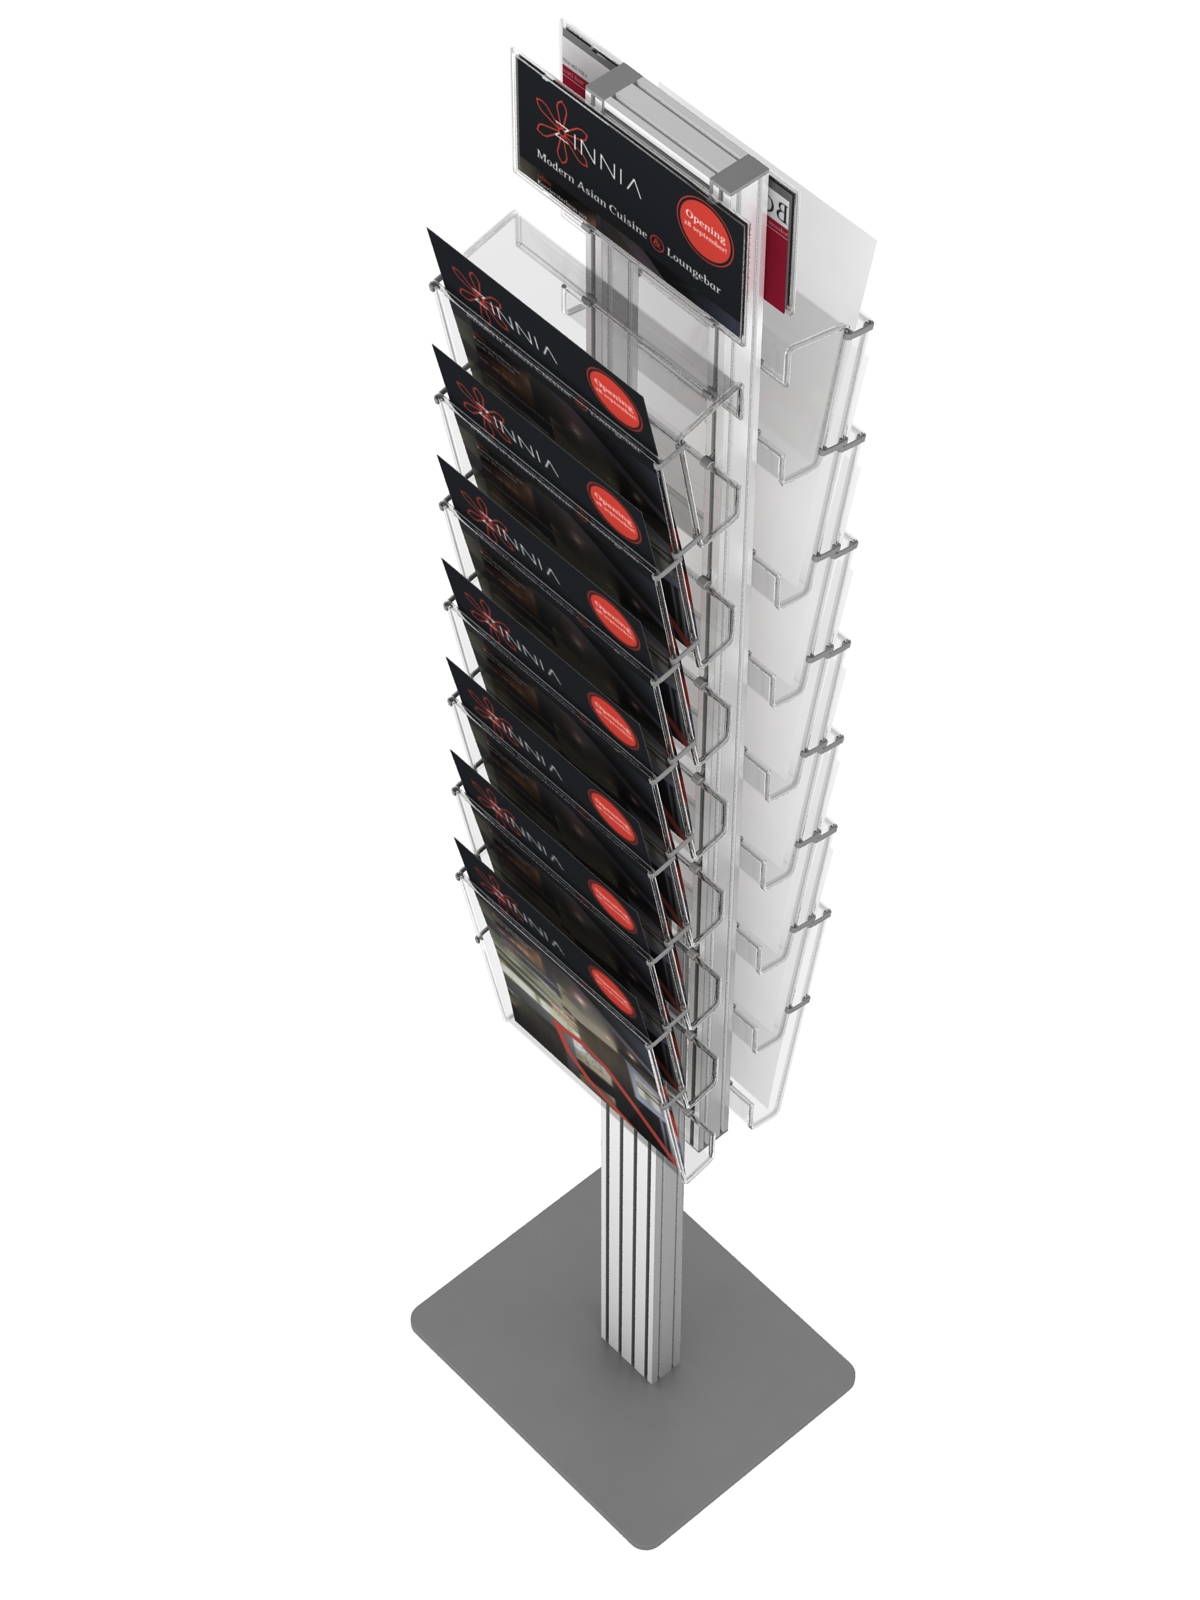 Podłogowy stojak na ulotki a4